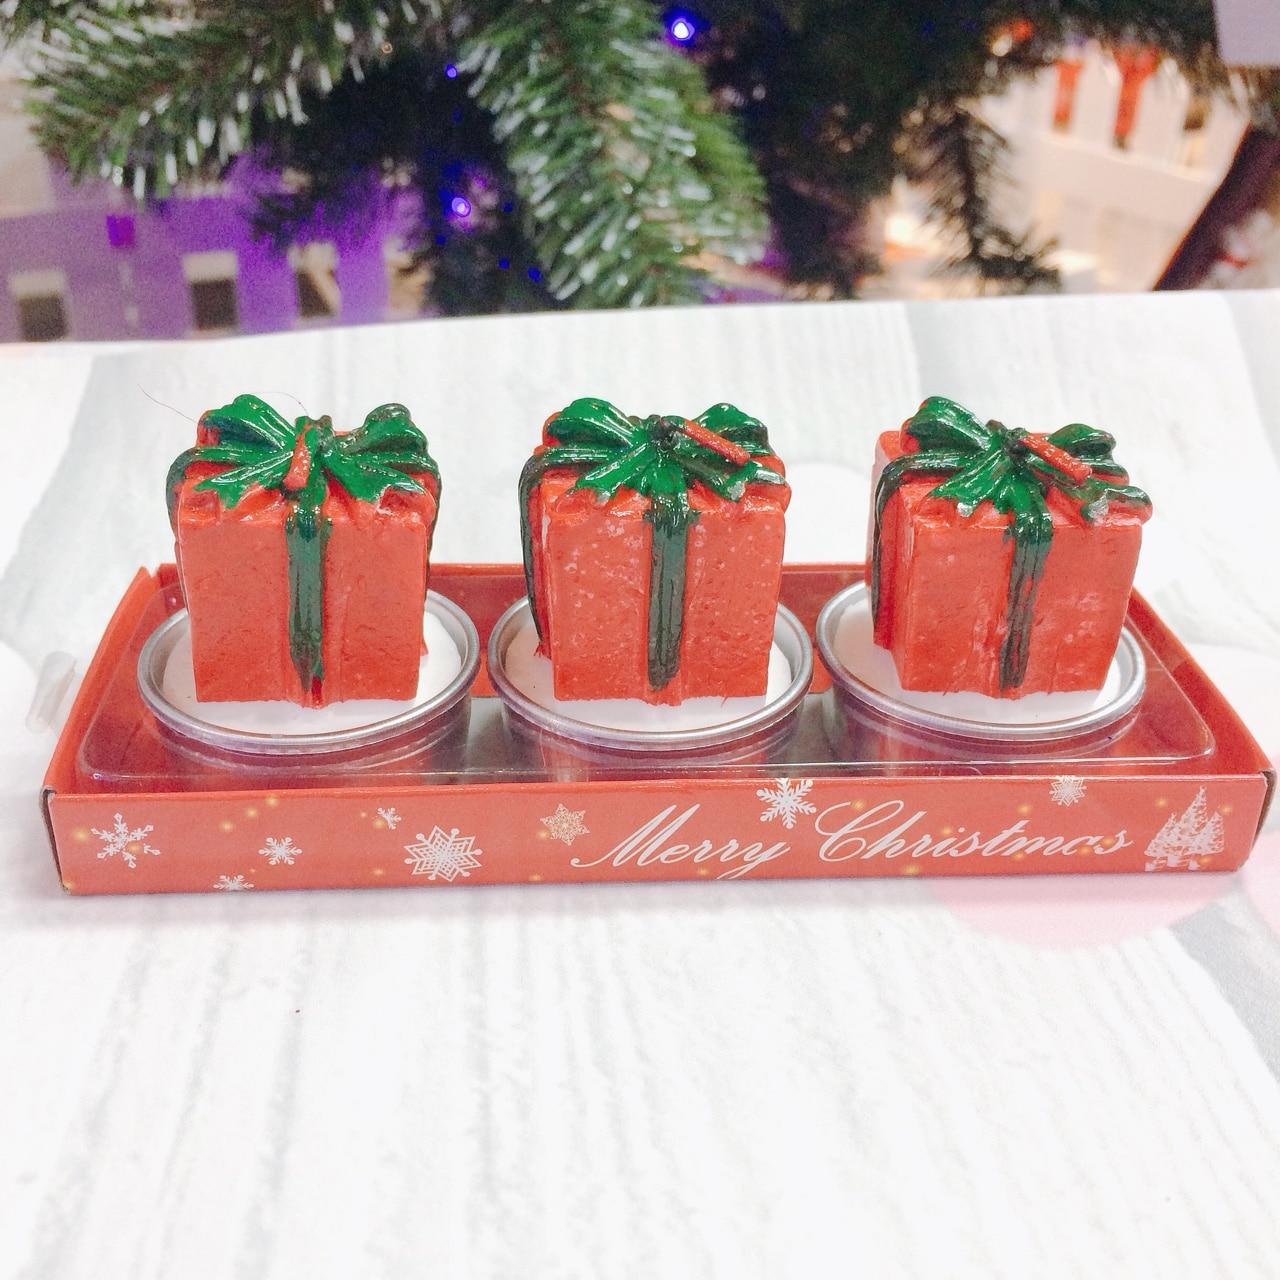 Set 3 Nến Hộp Quà Noel - Siêu Thị Ngành Bánh - dungculambanh.com.vn